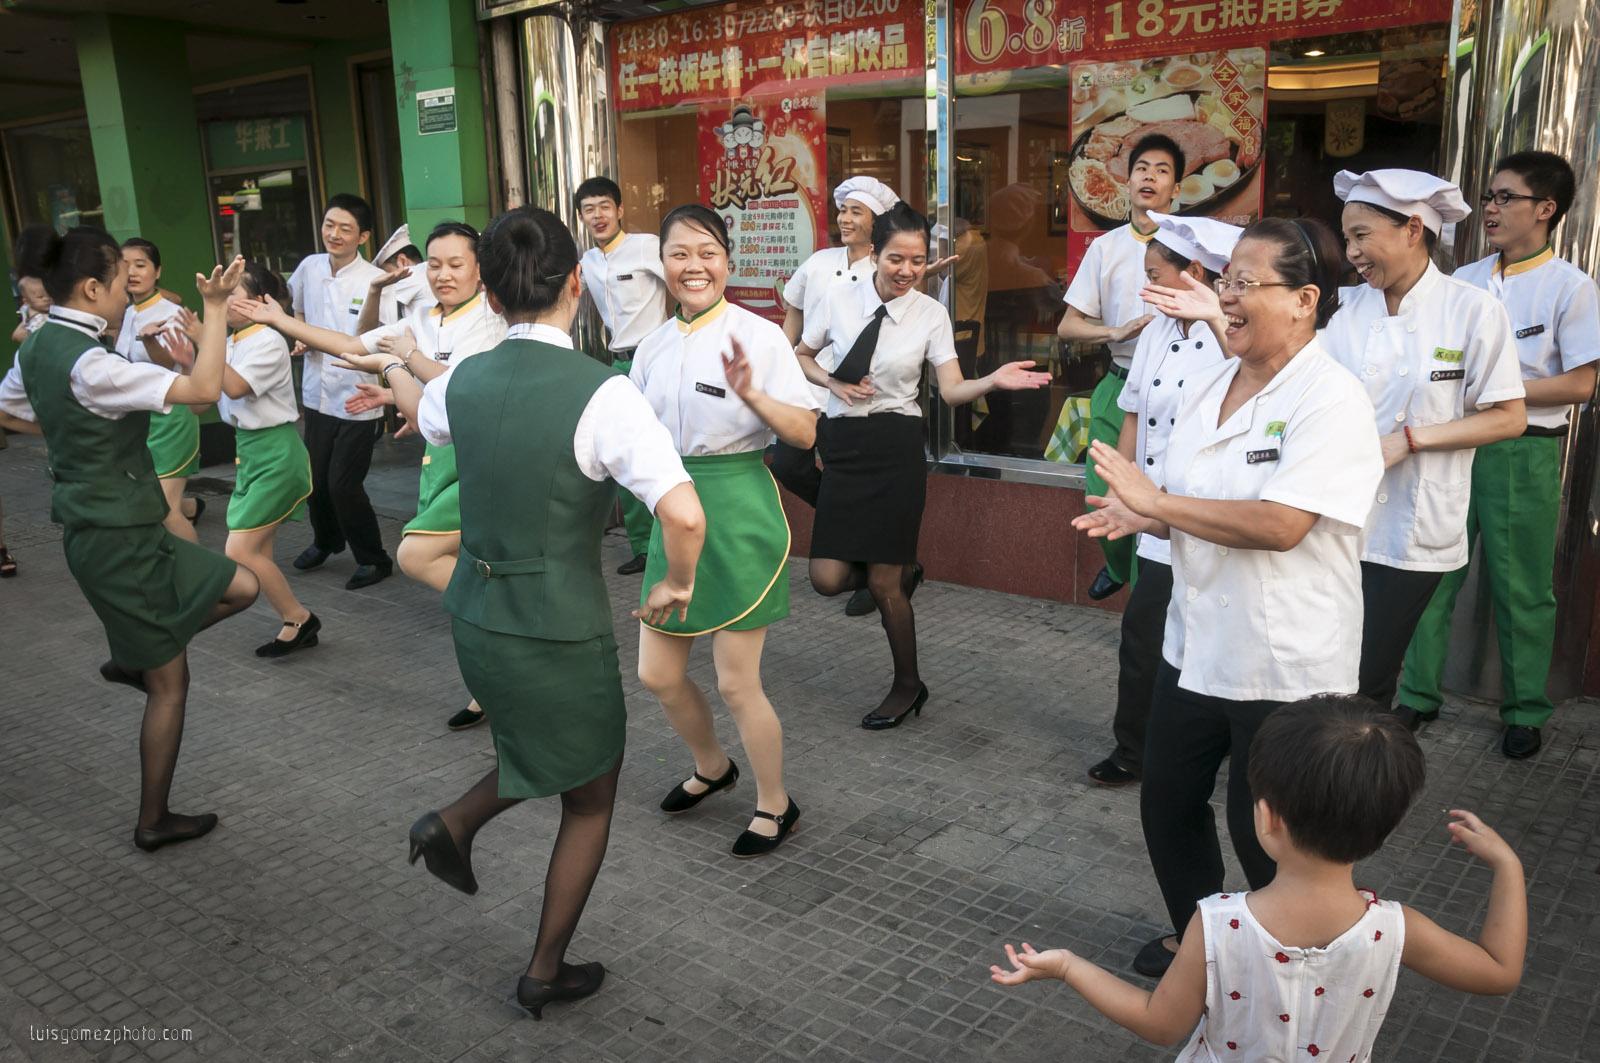 Dancing crew